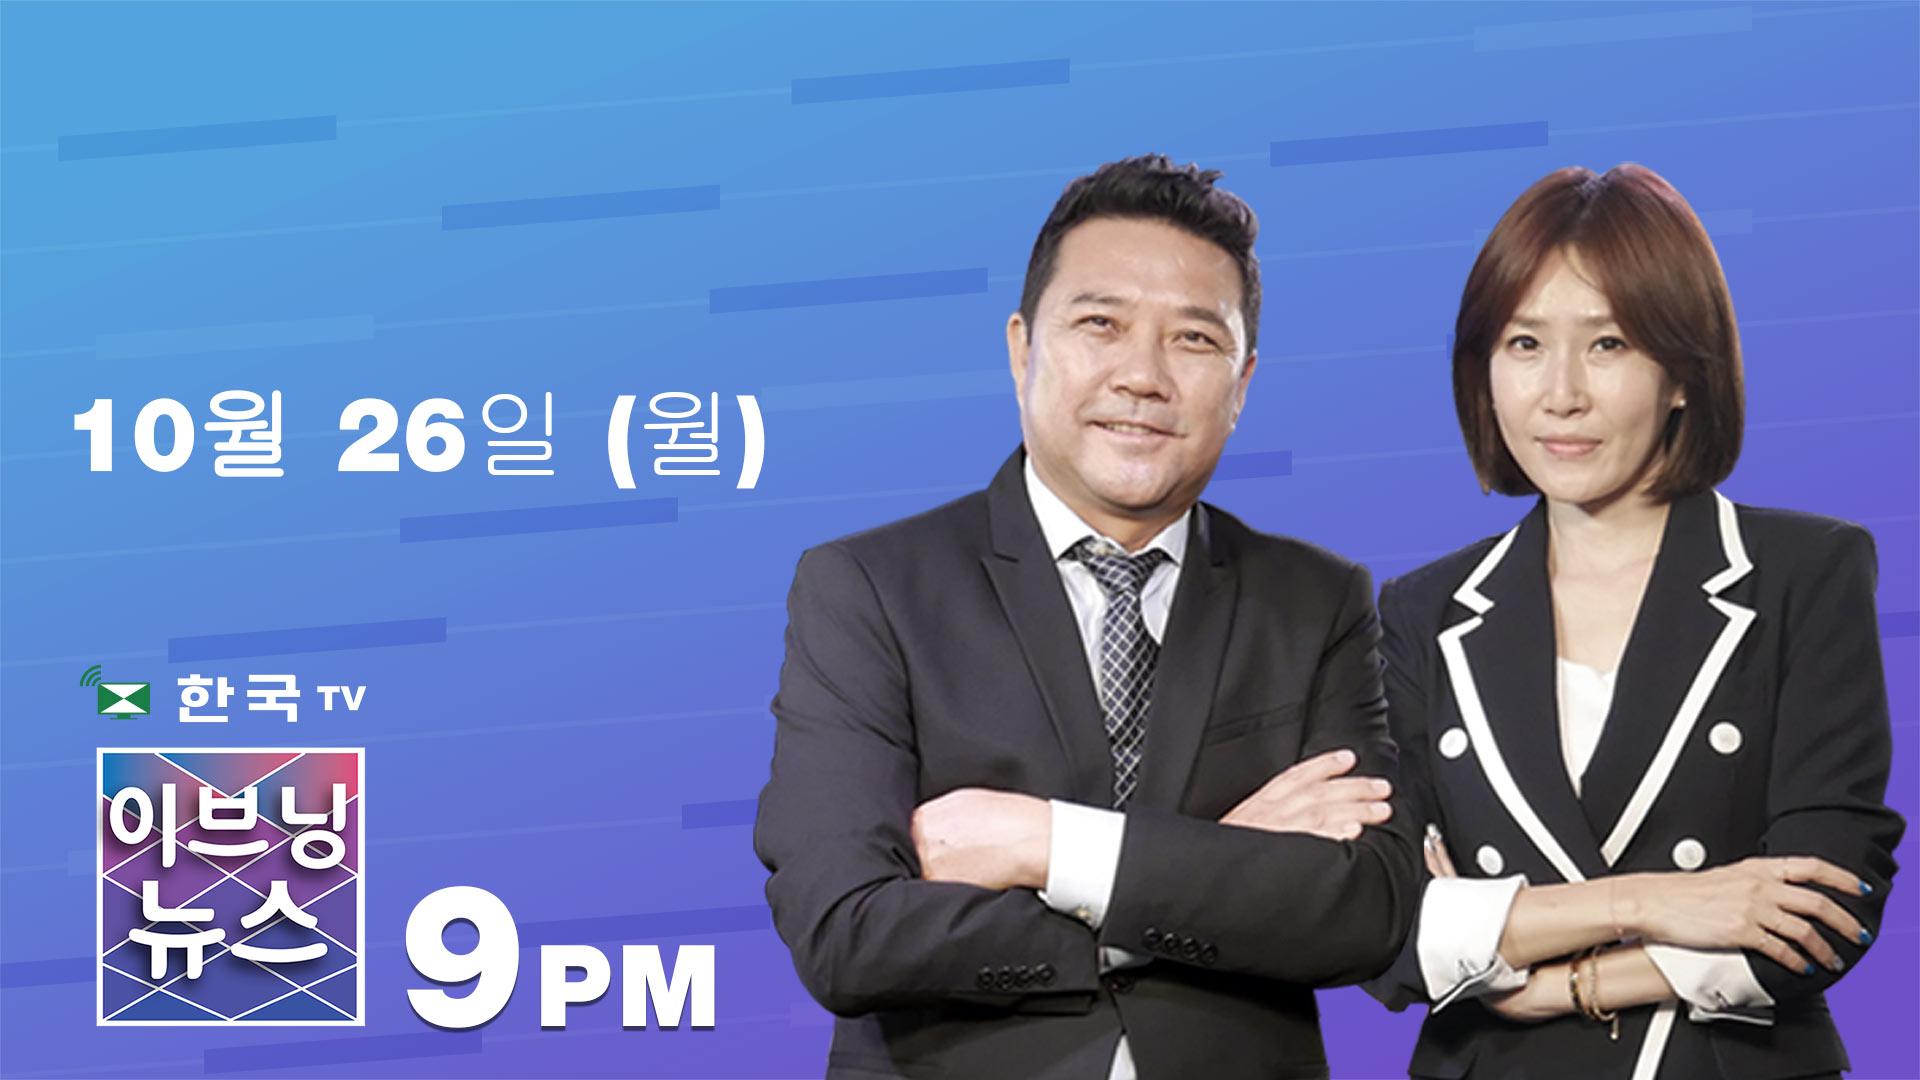 (10.26.2020) 한국TV 이브닝 뉴스